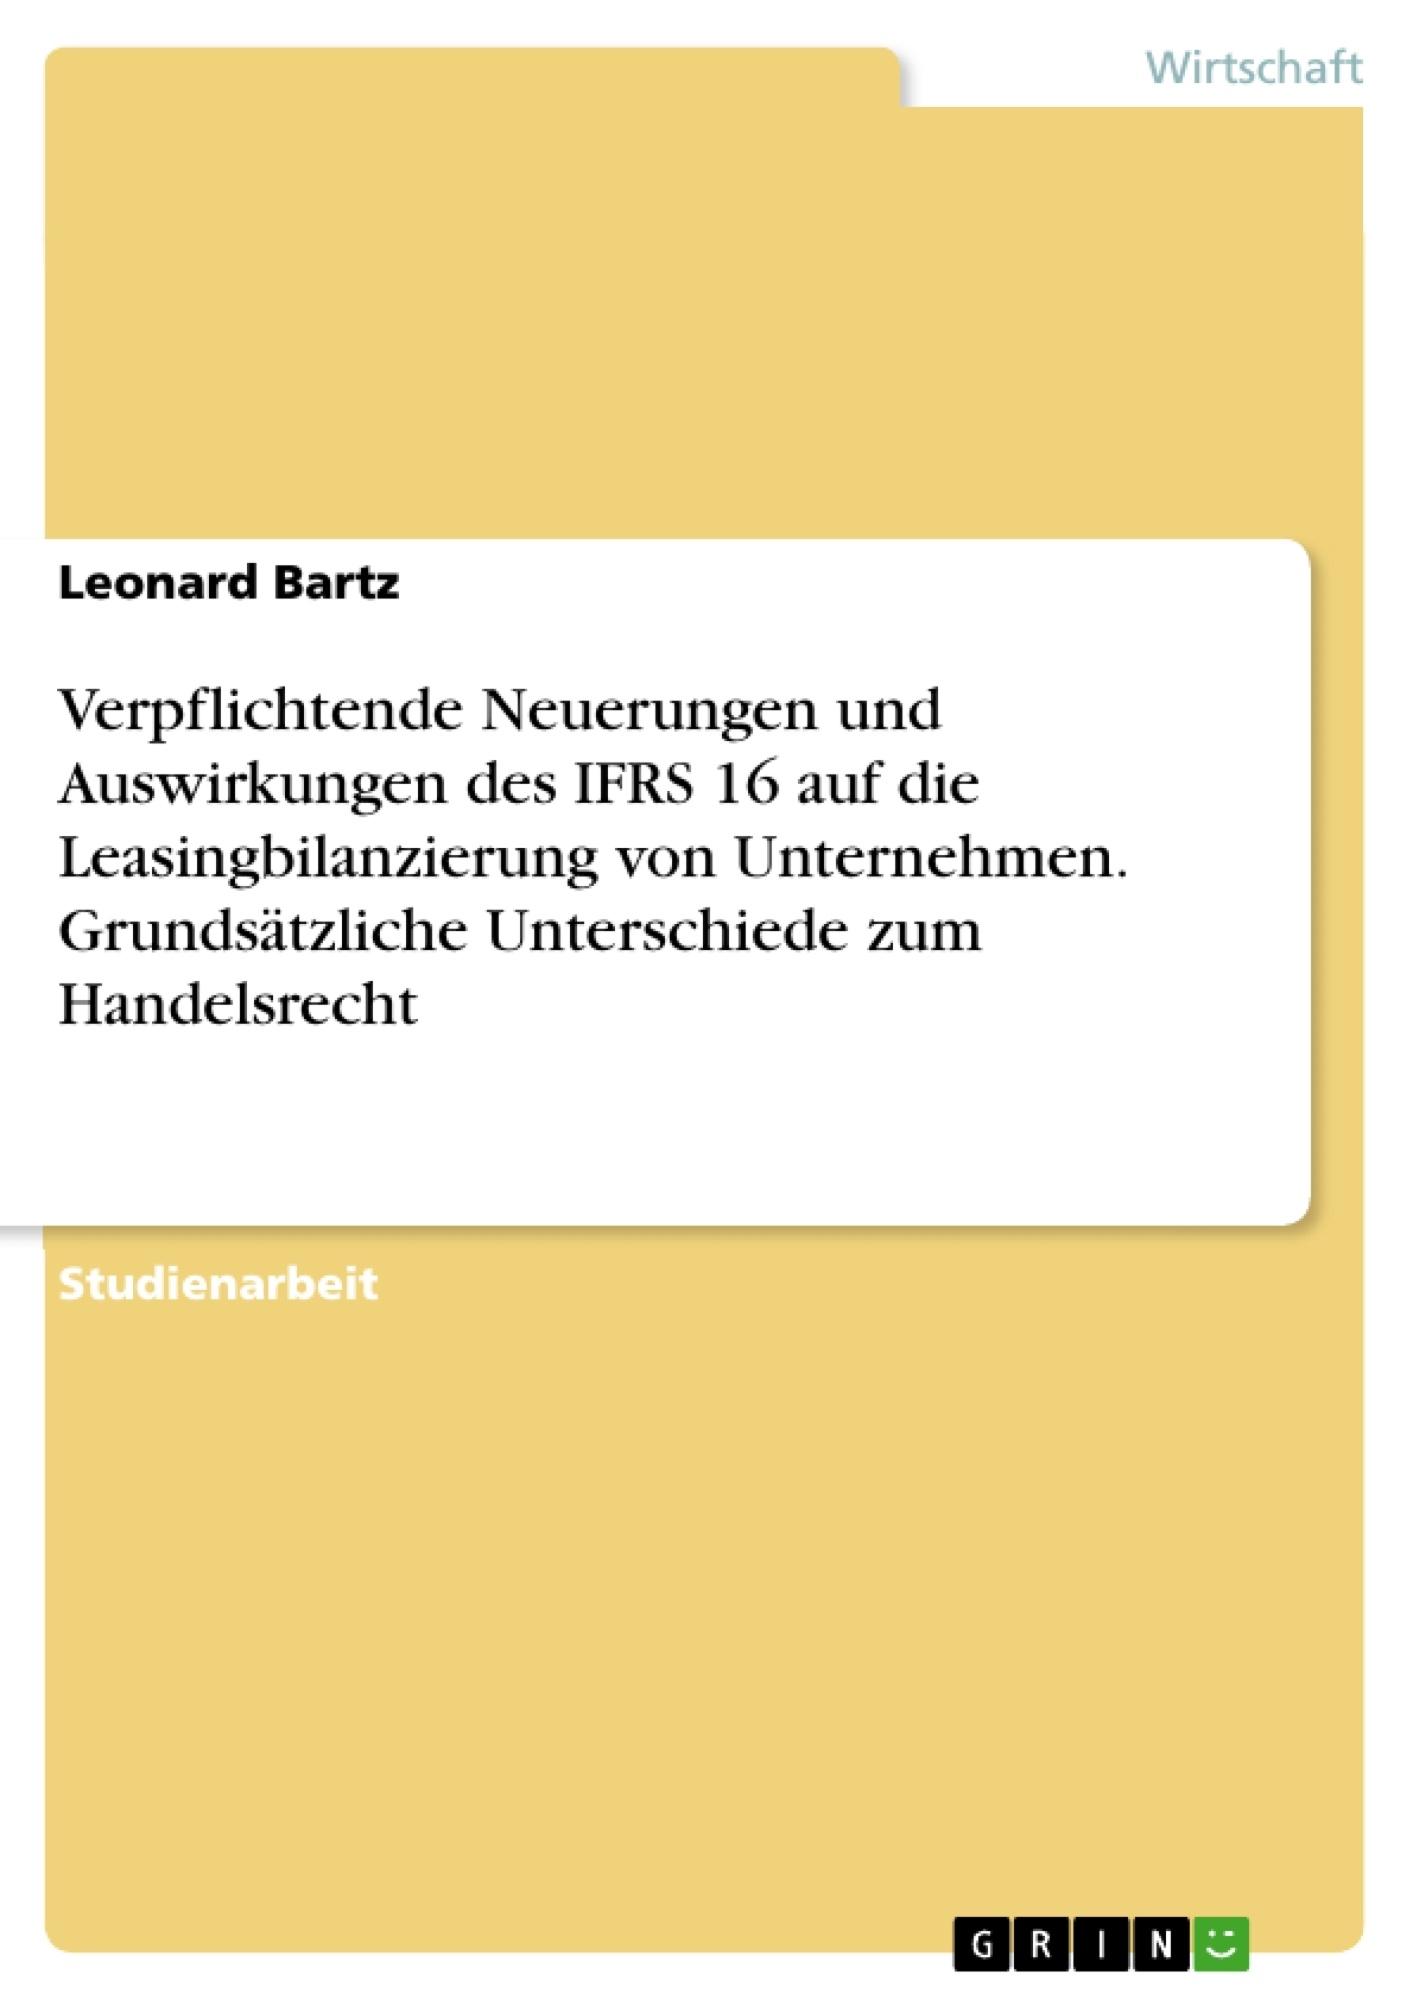 Titel: Verpflichtende Neuerungen und Auswirkungen des IFRS 16 auf die Leasingbilanzierung von Unternehmen. Grundsätzliche Unterschiede zum Handelsrecht